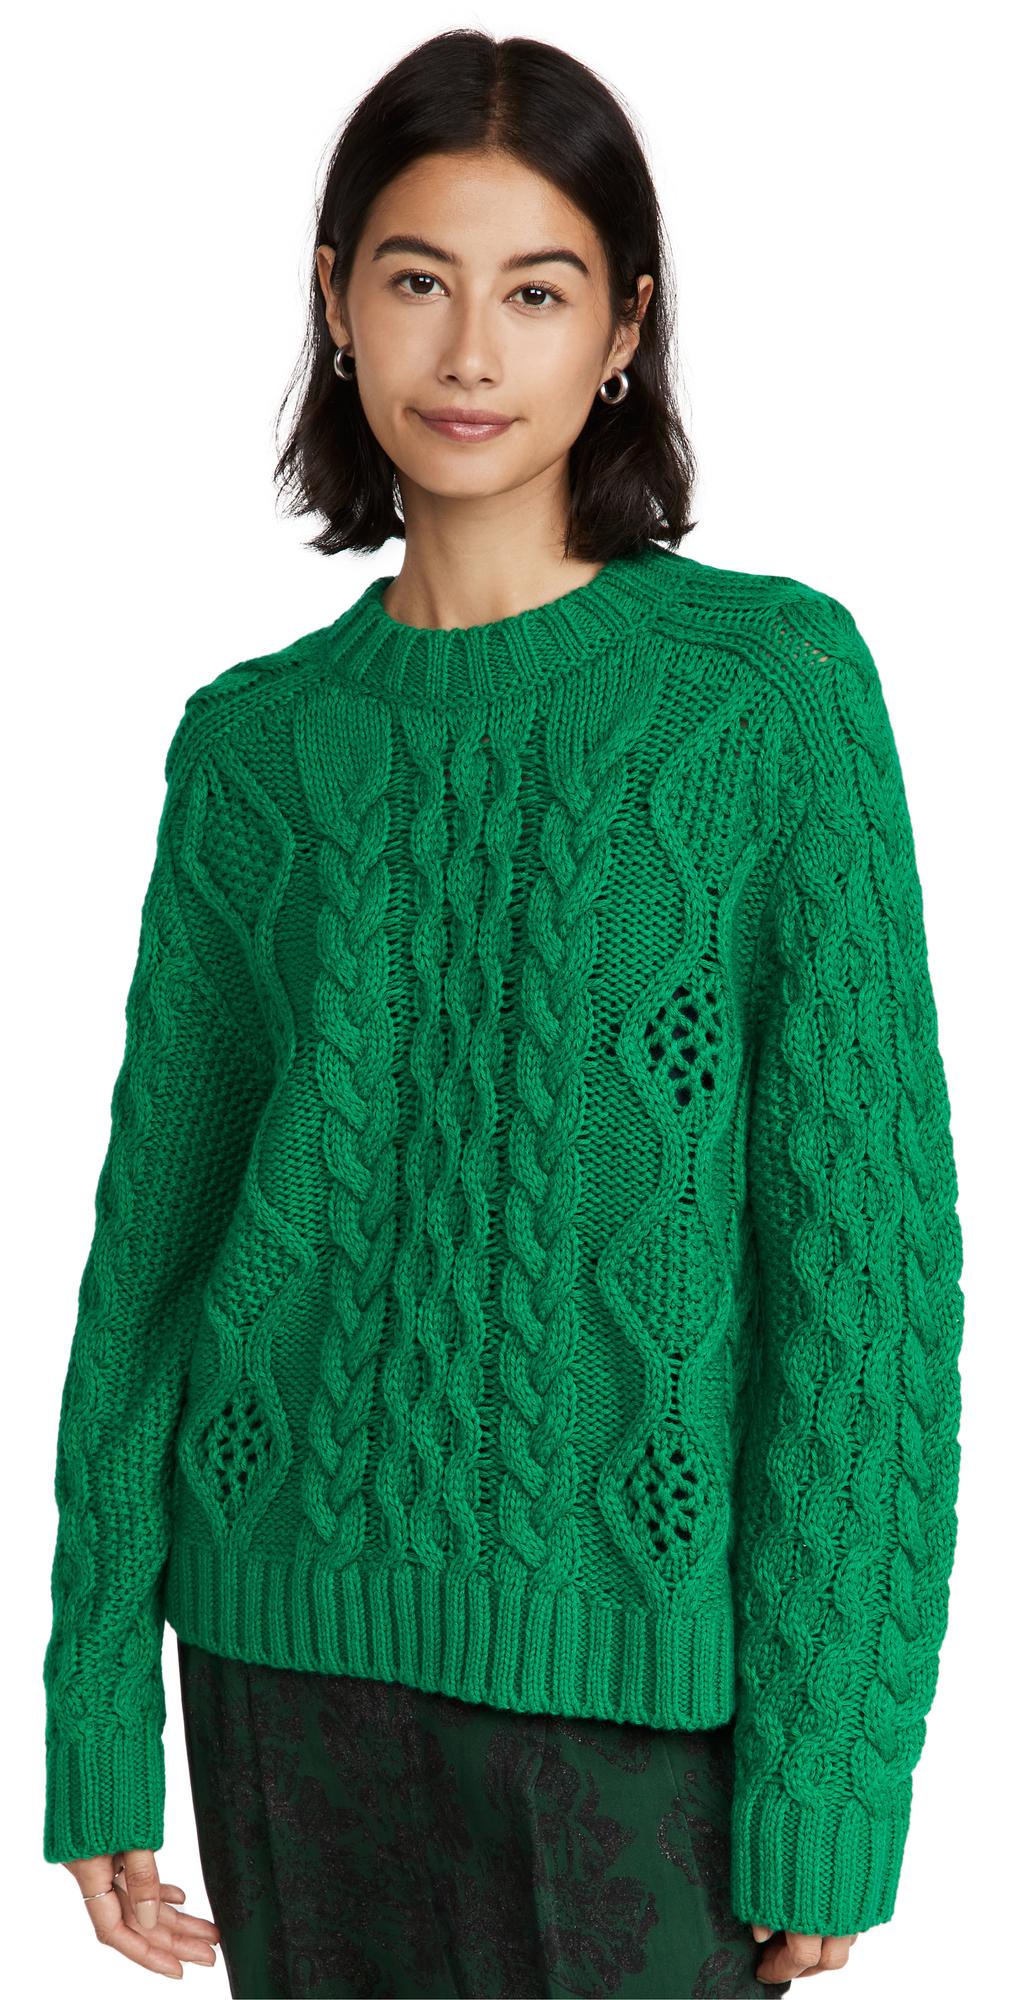 Agatti Cable Stitch Sweater